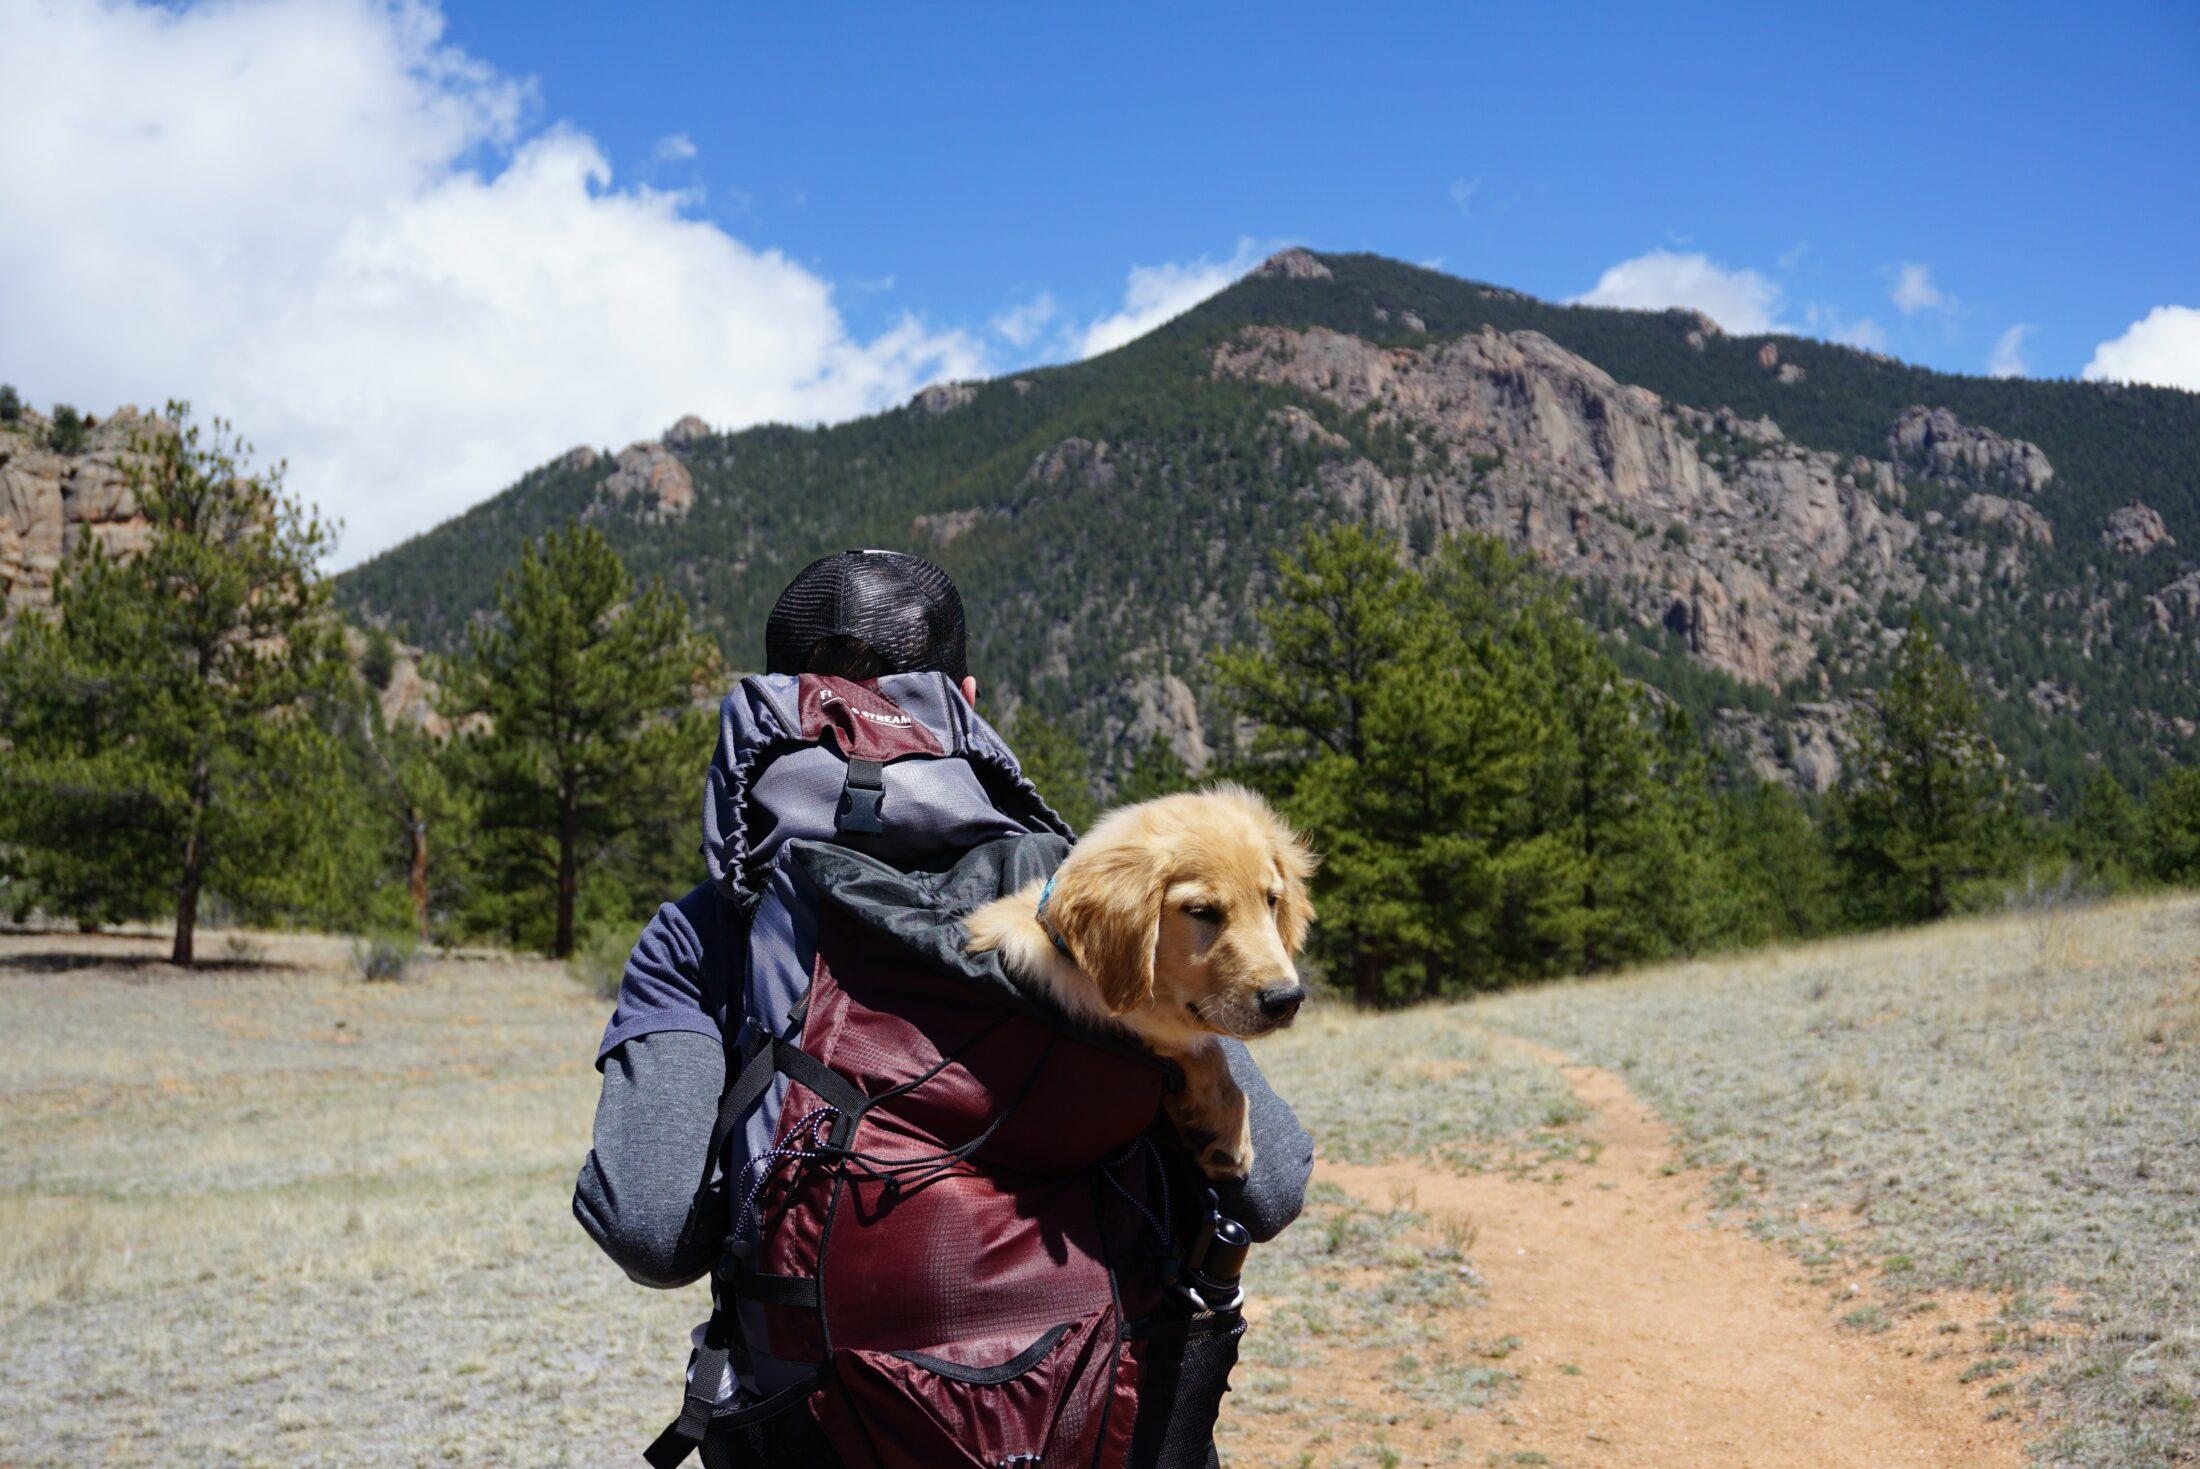 pessoa caminhando com cachorro em mochila nas costas